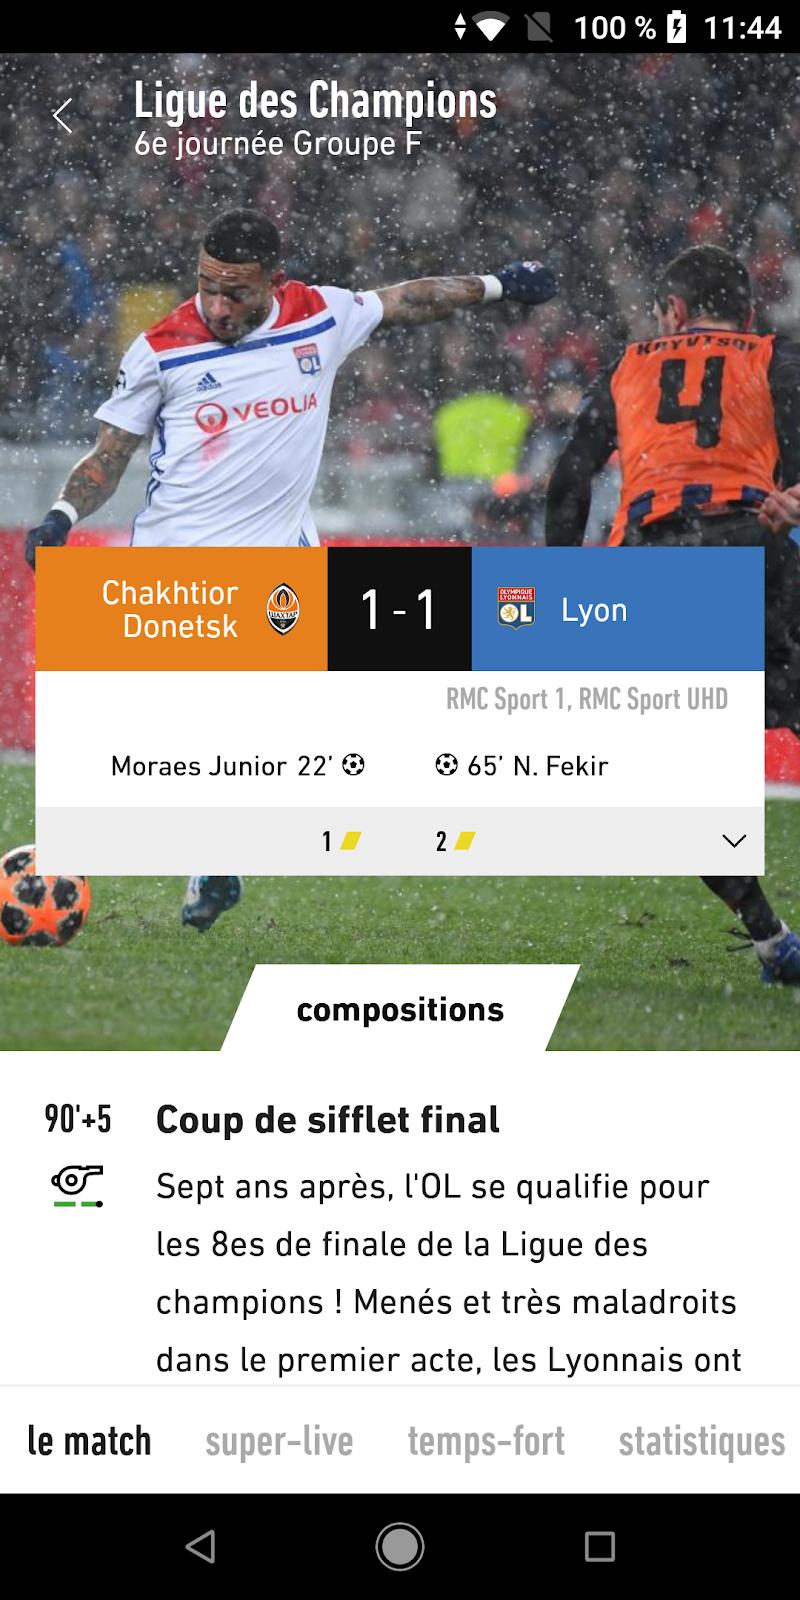 L'Équipe - Sport en direct : foot, tennis, rugby.. Screenshot 2